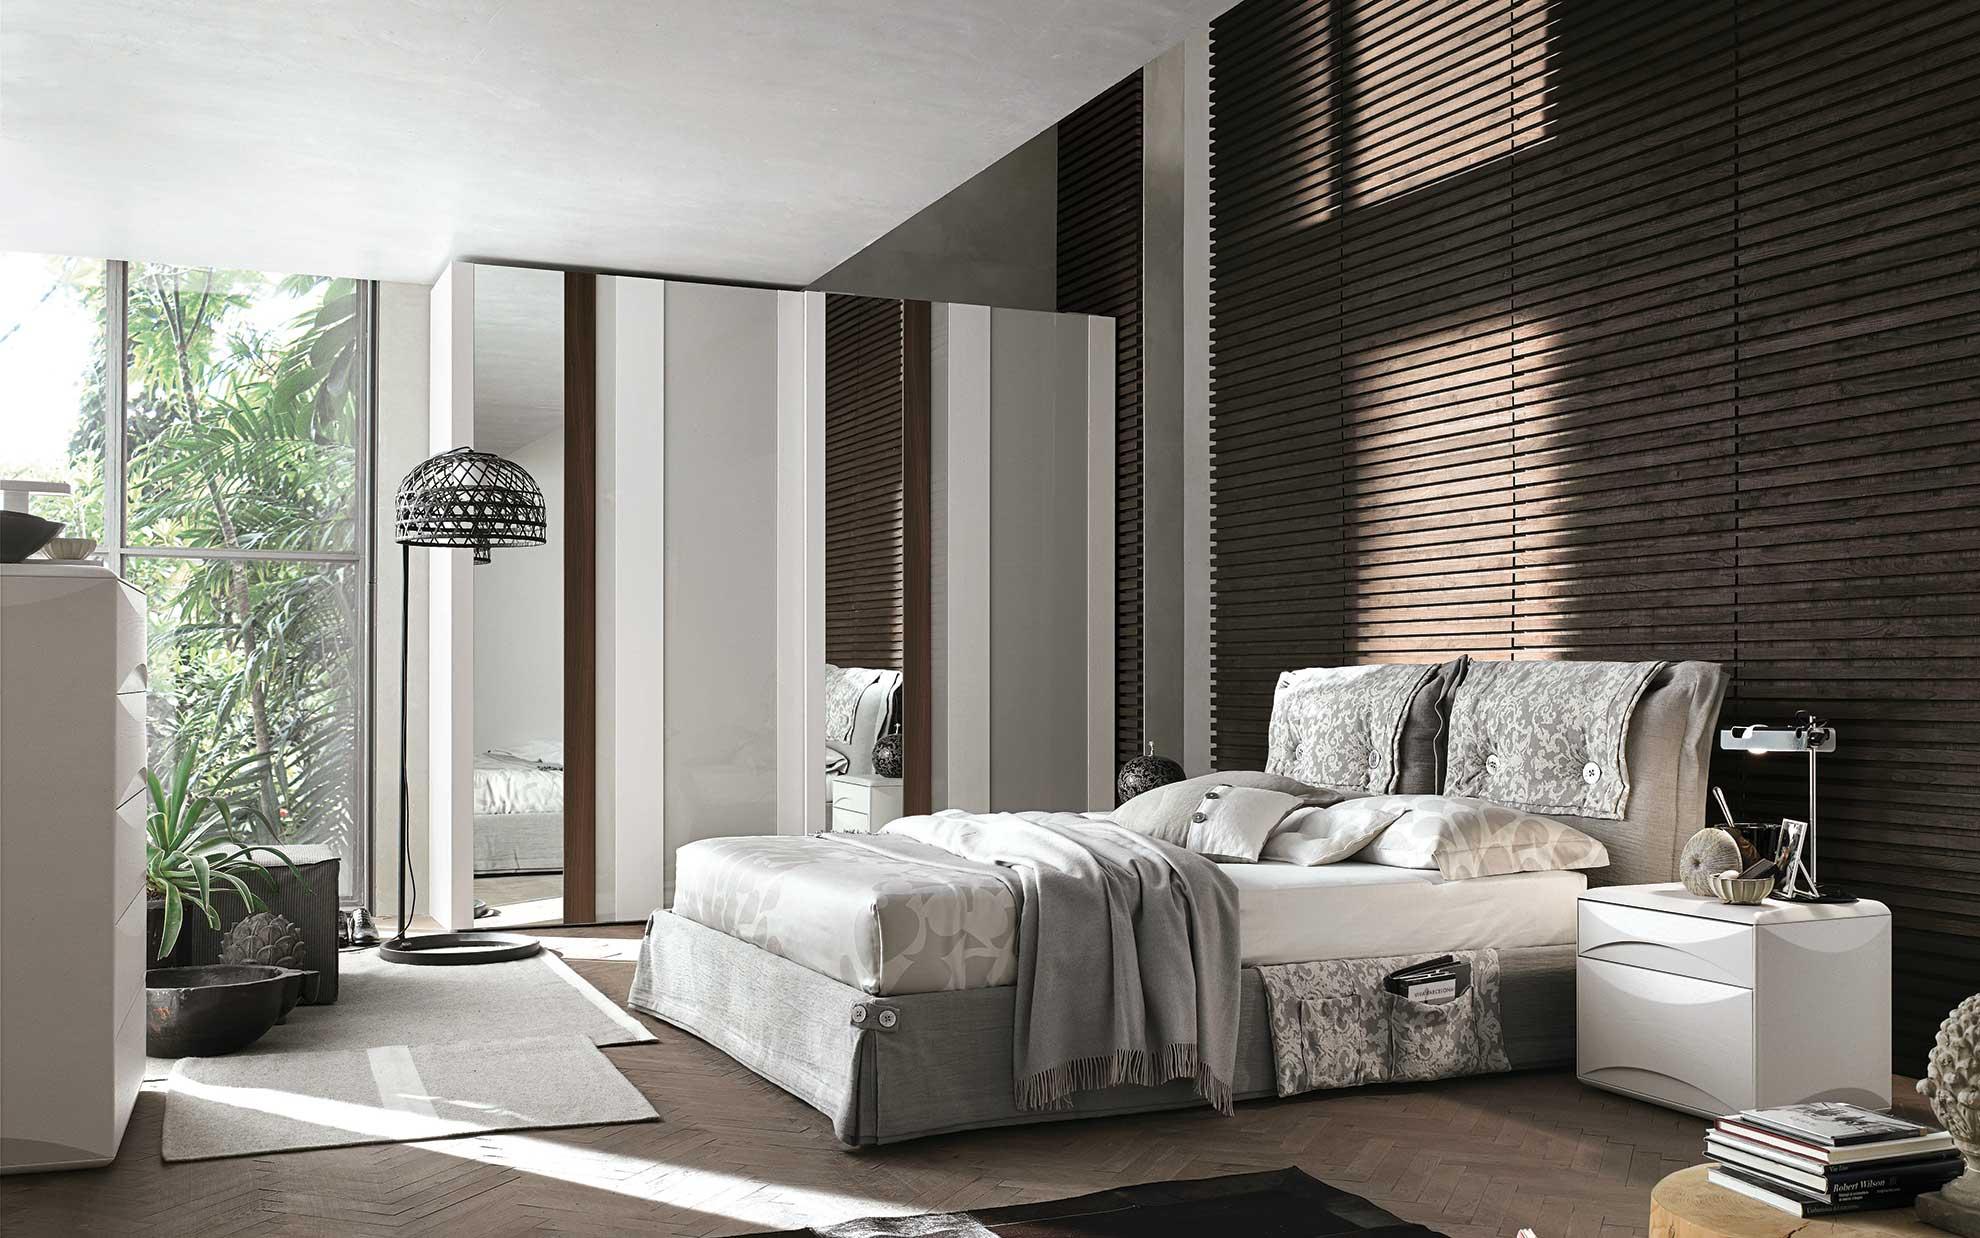 Camere da letto for Camere da letto da esposizione scontate